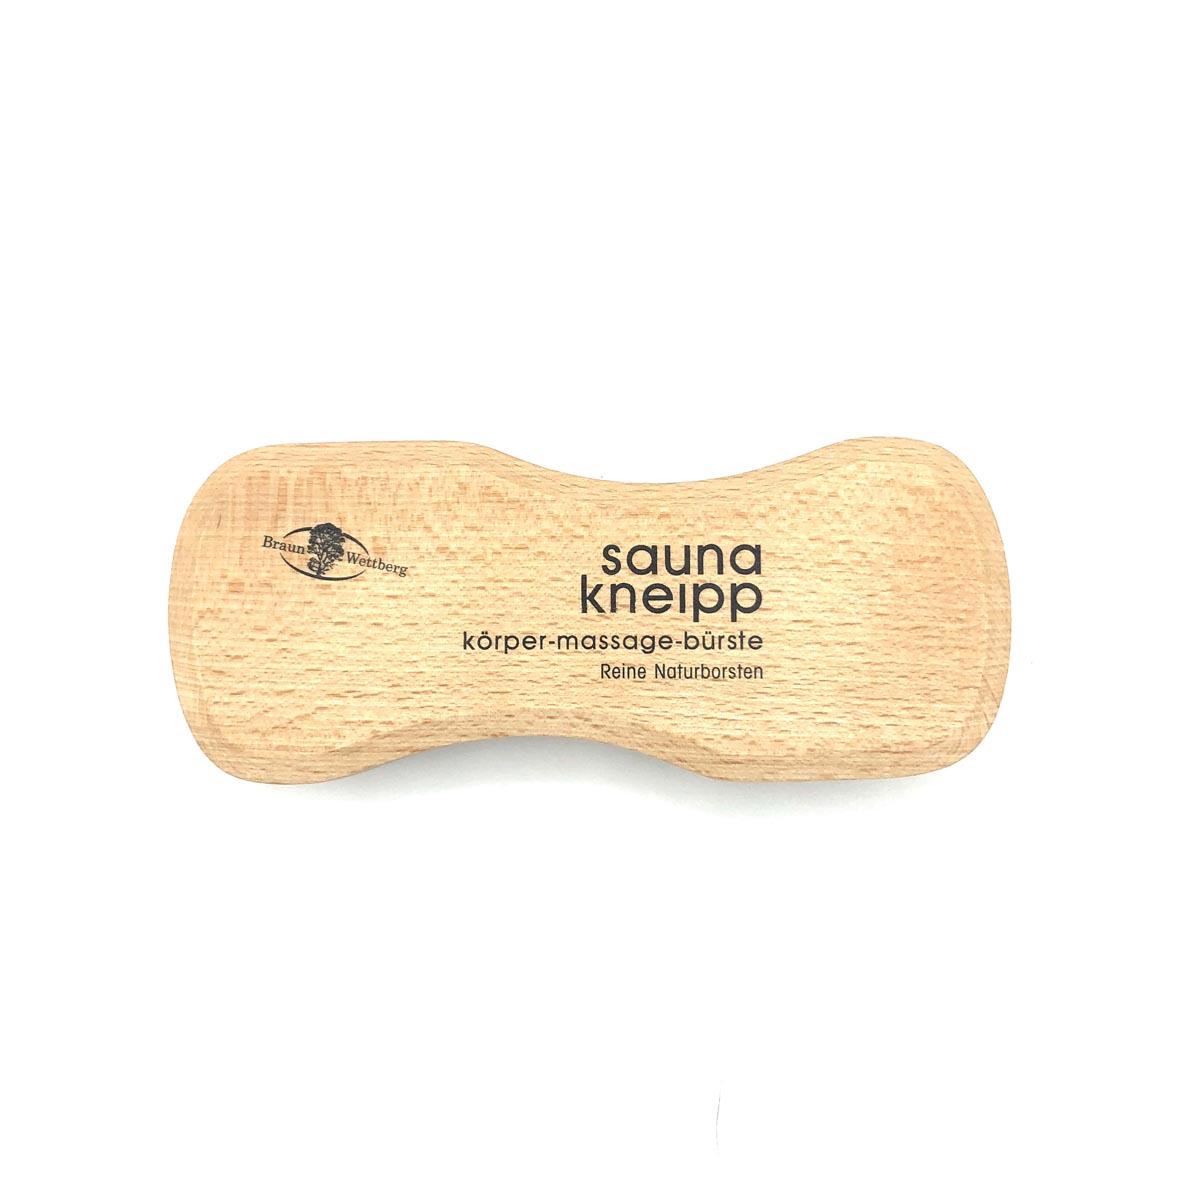 Massagebürste 'sauna kneipp' mit festen Naturborsten